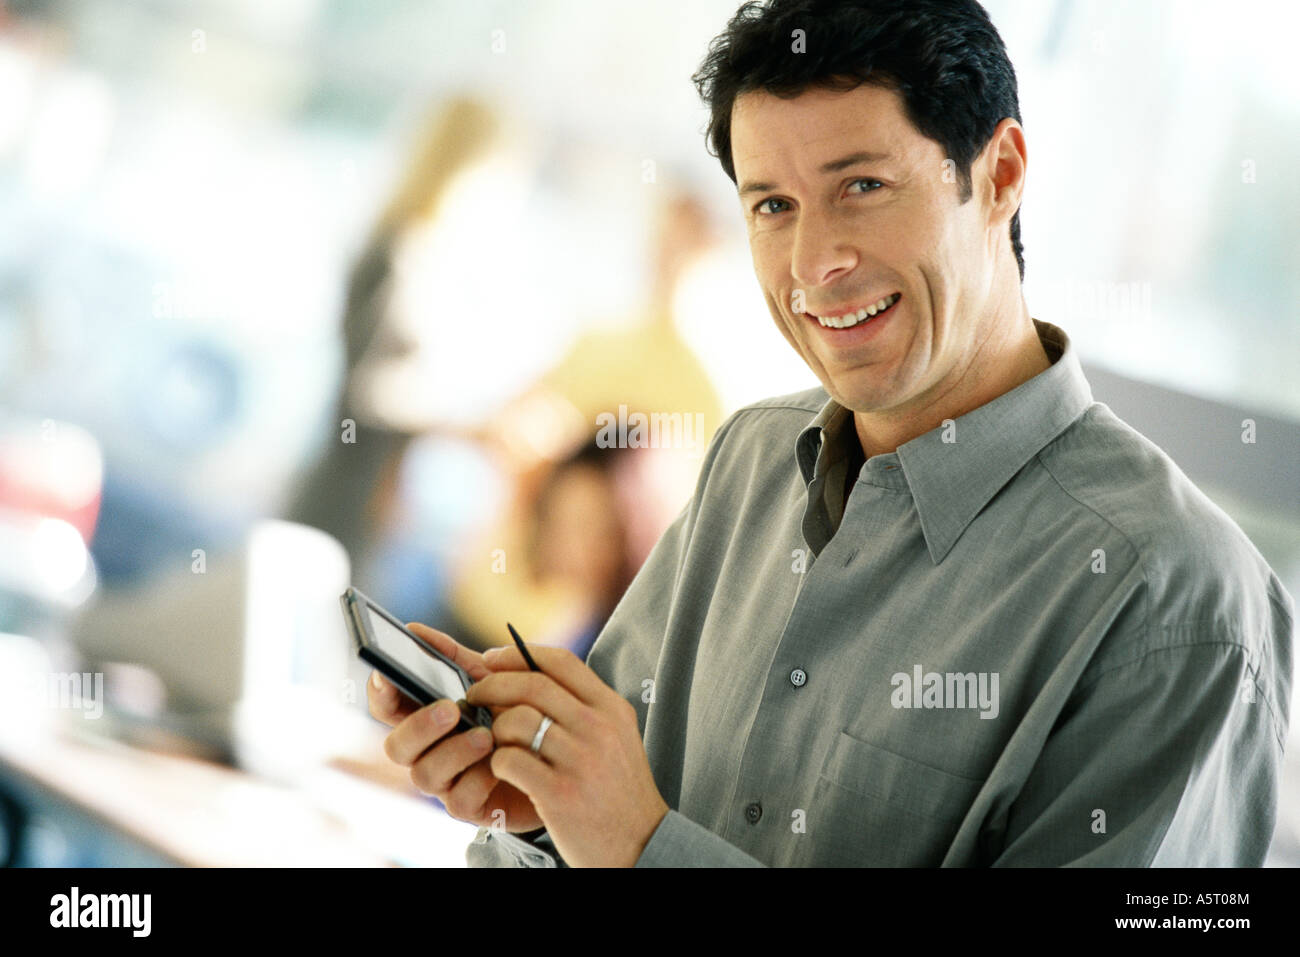 Man using electronic organizer, smiling at camera - Stock Image